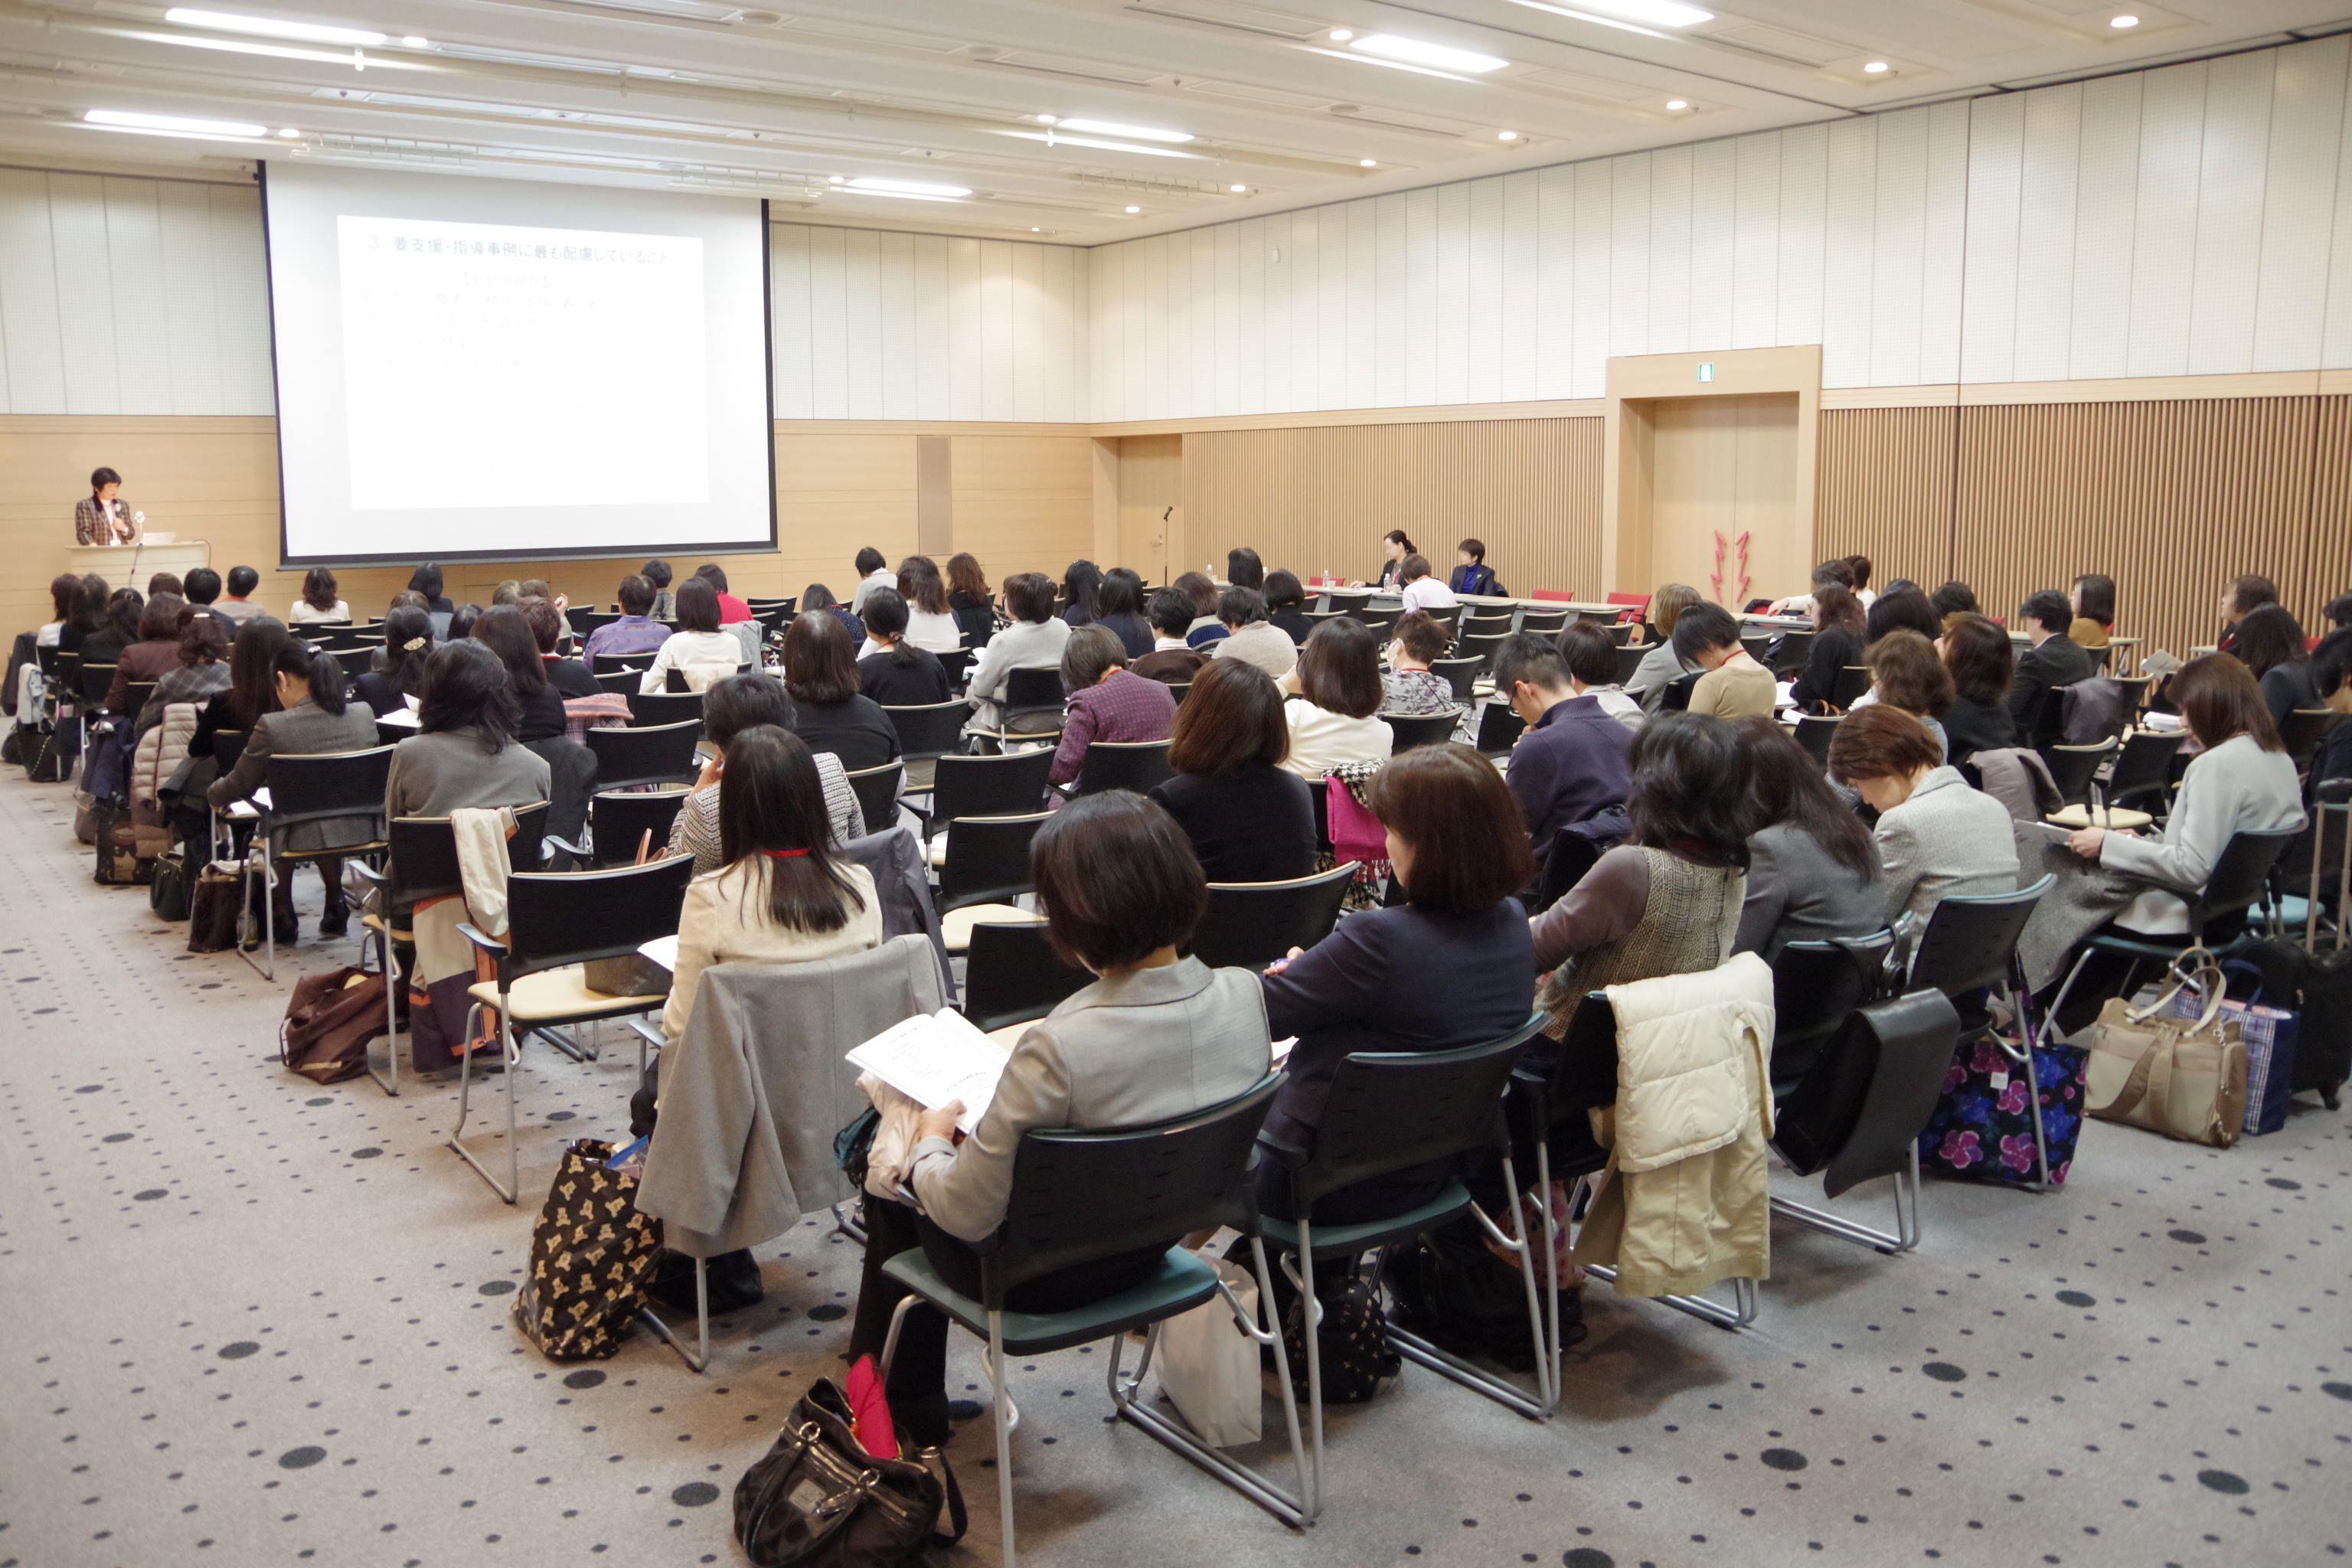 【取材】多職種連携でも必要な「保健師の技術の可視化」を考える【平成30年度 日本保健師連絡協議会】